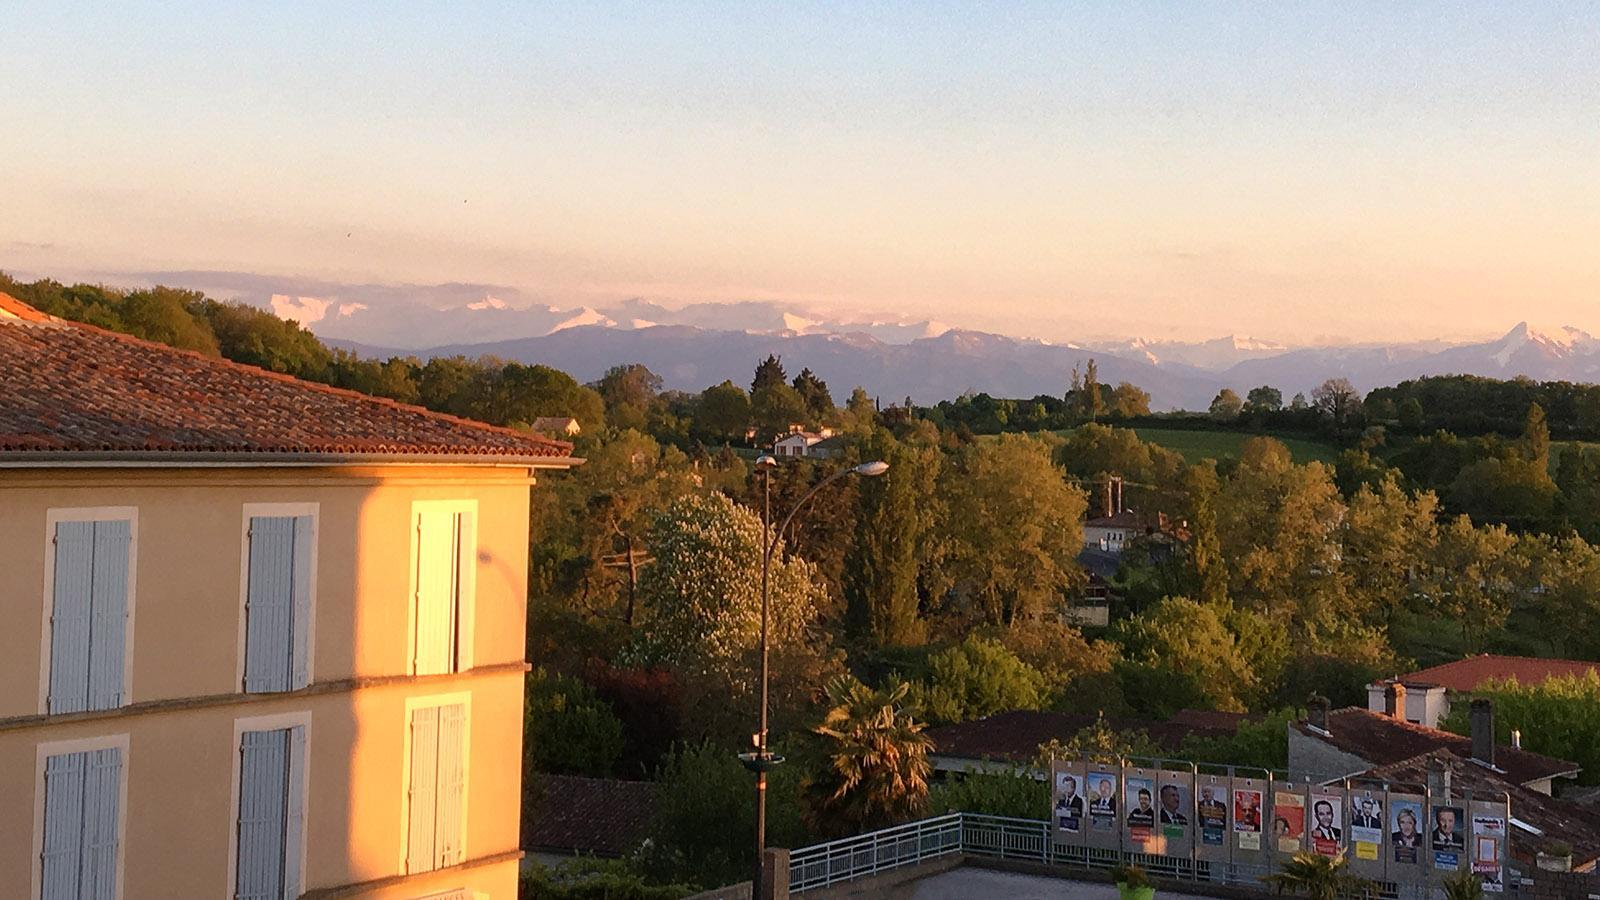 Abendblick aus meinen Hotelfenster in Aurignac. Am Horizont seht ihr die Pyrenäen. Foto: Hilke Maunder